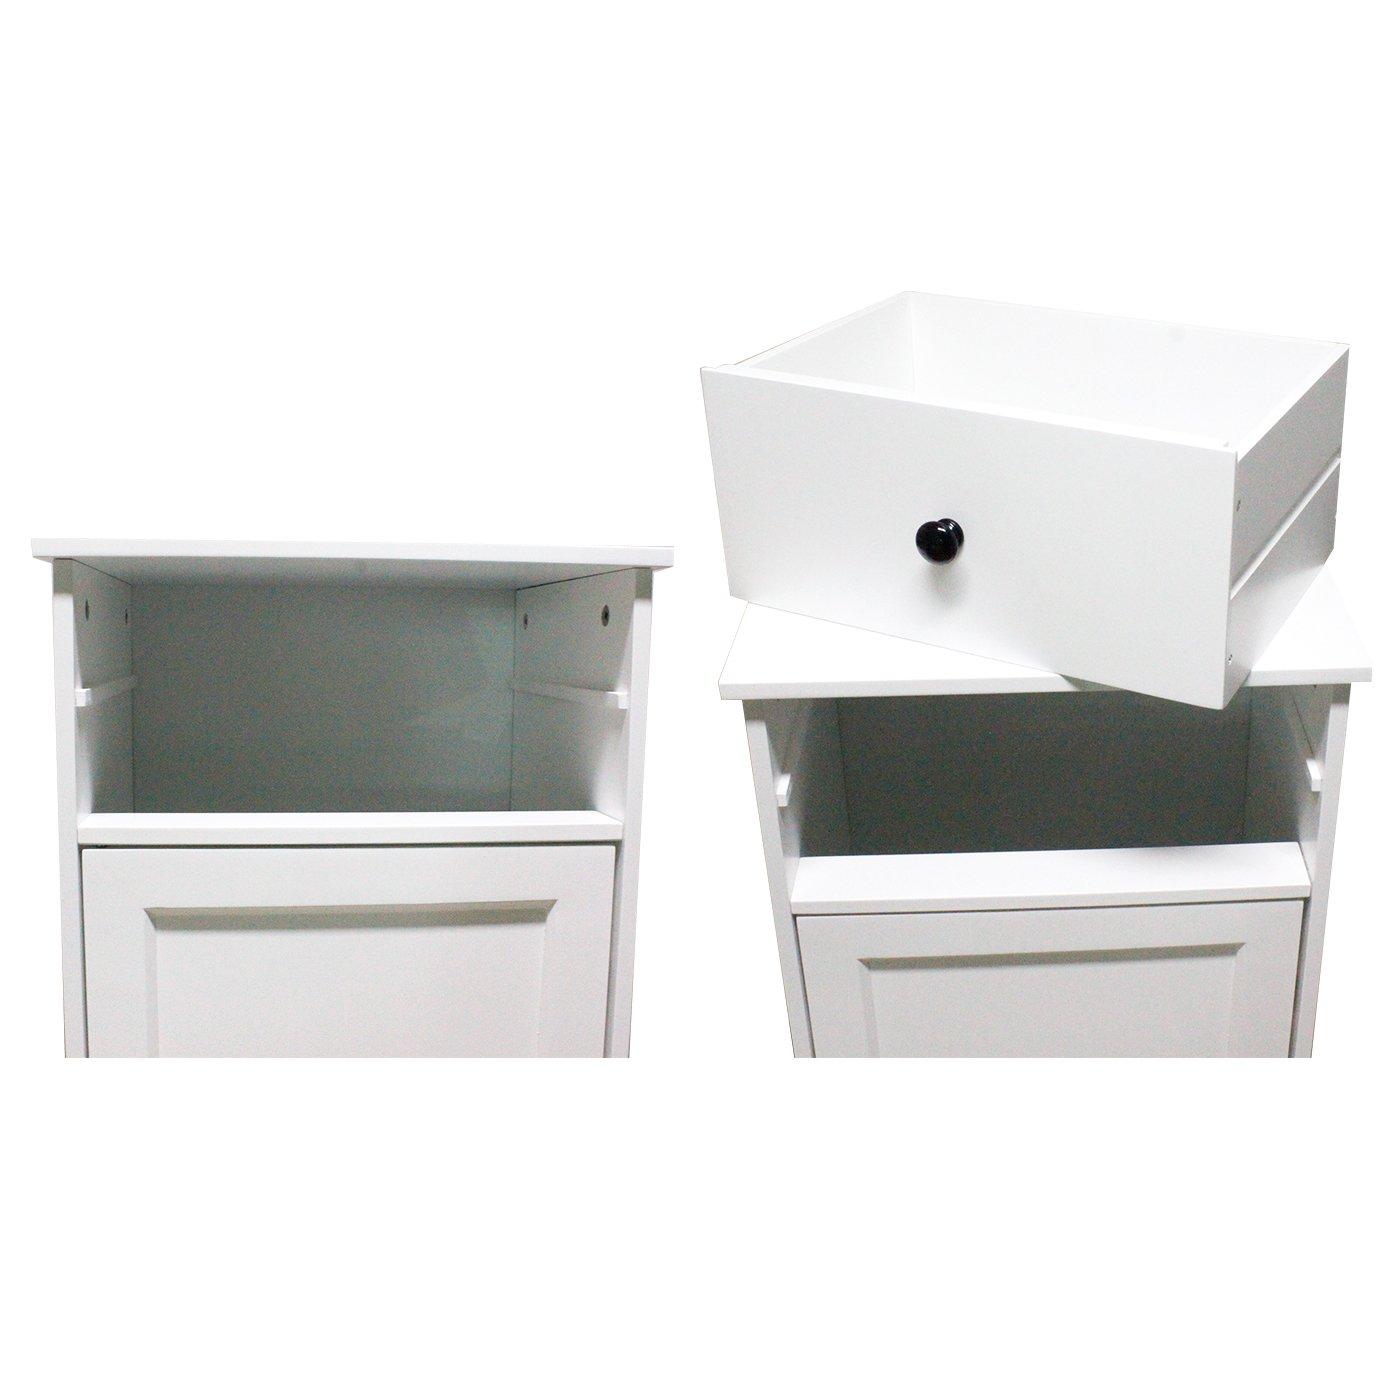 B40*T30*H90 Mobile da Bagno con Anta Singola con cassetti Armadietto da Bagno Moderno e Minimalista Bianco Realizzato in MDF ecocompatibile per Case e bagni di Piccole Dimensioni